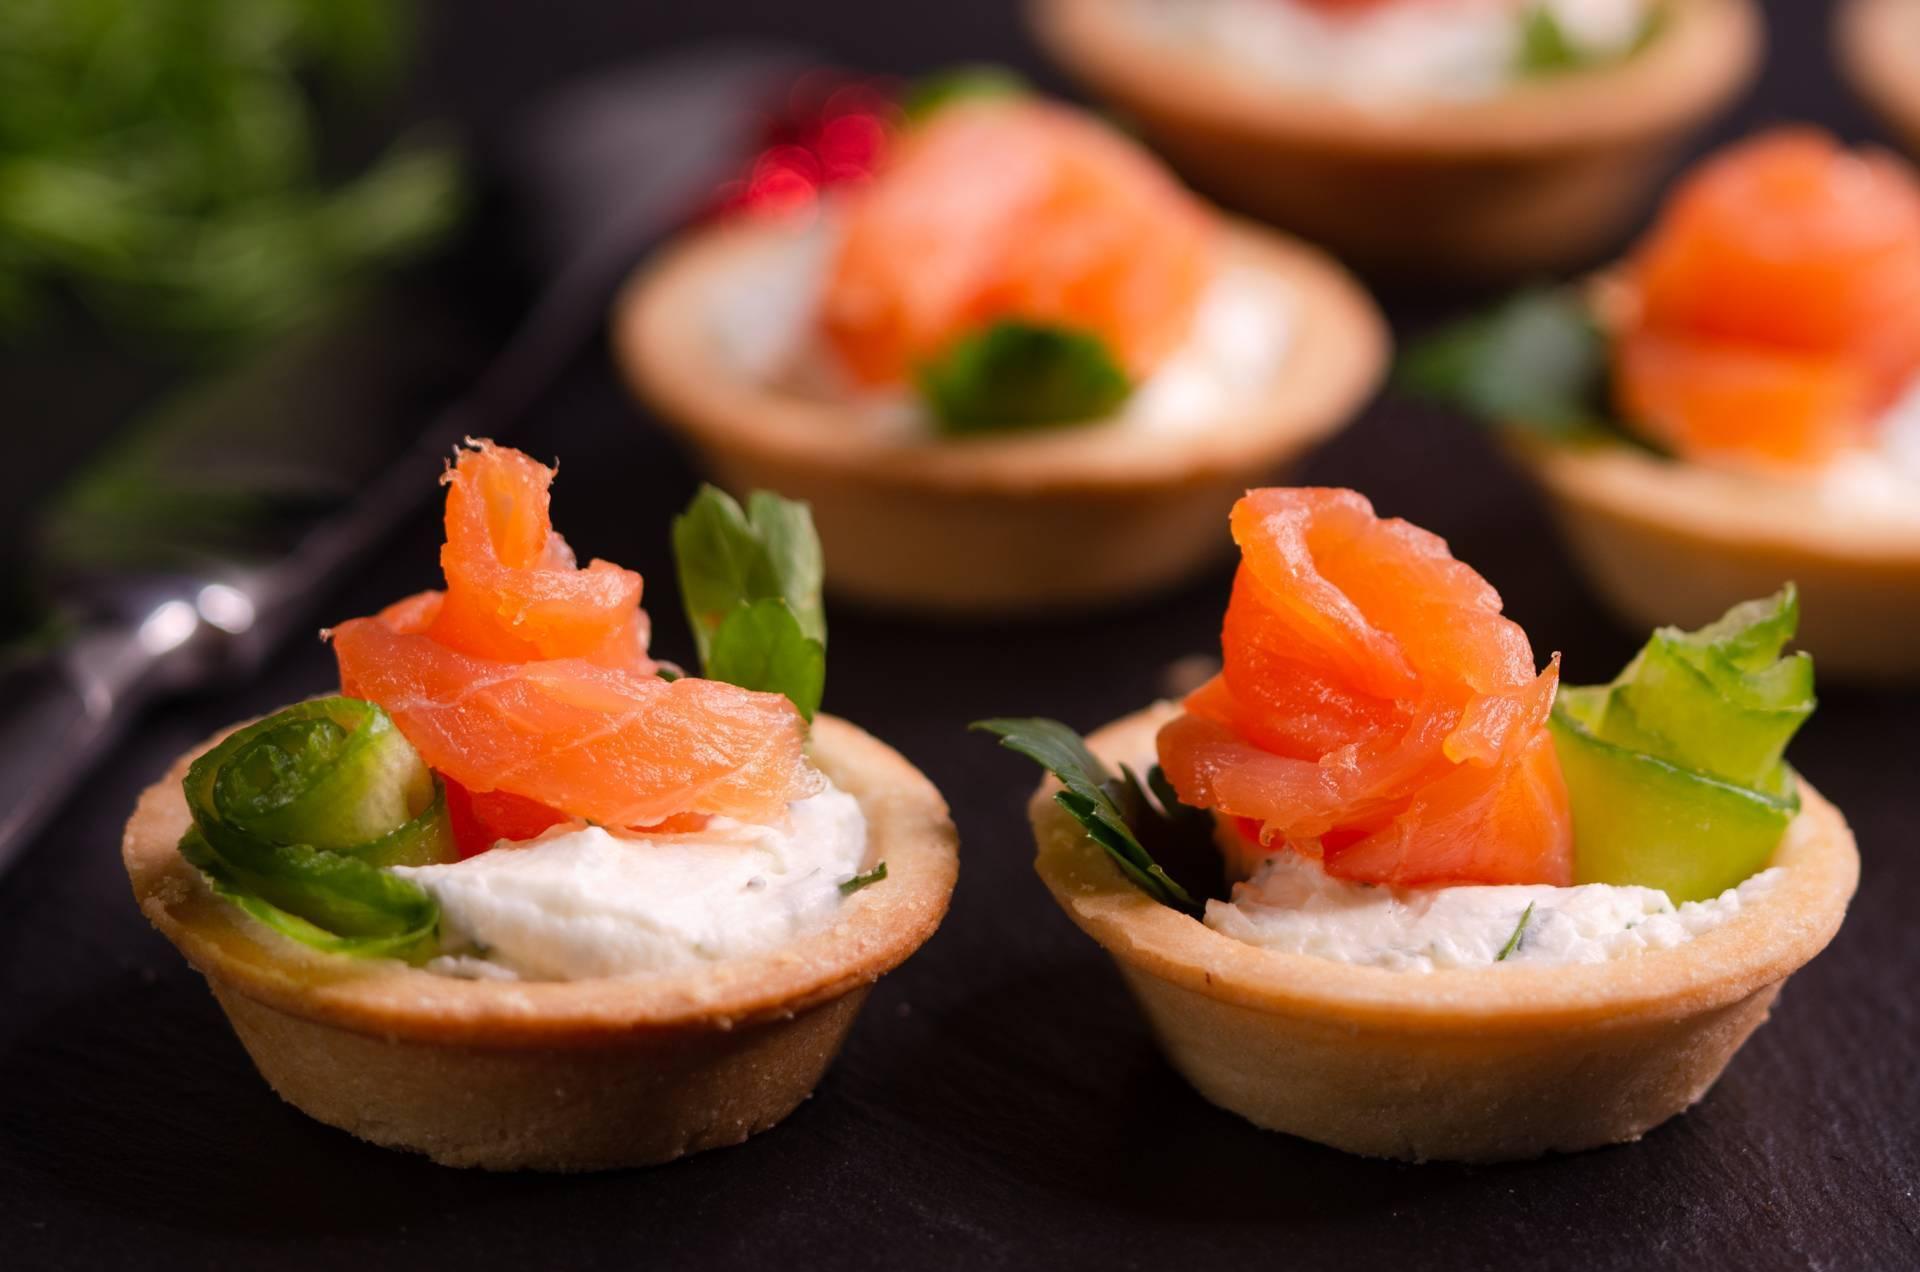 Тарталетки с красной рыбой: рецепты с фото, как приготовить с творожным сыром